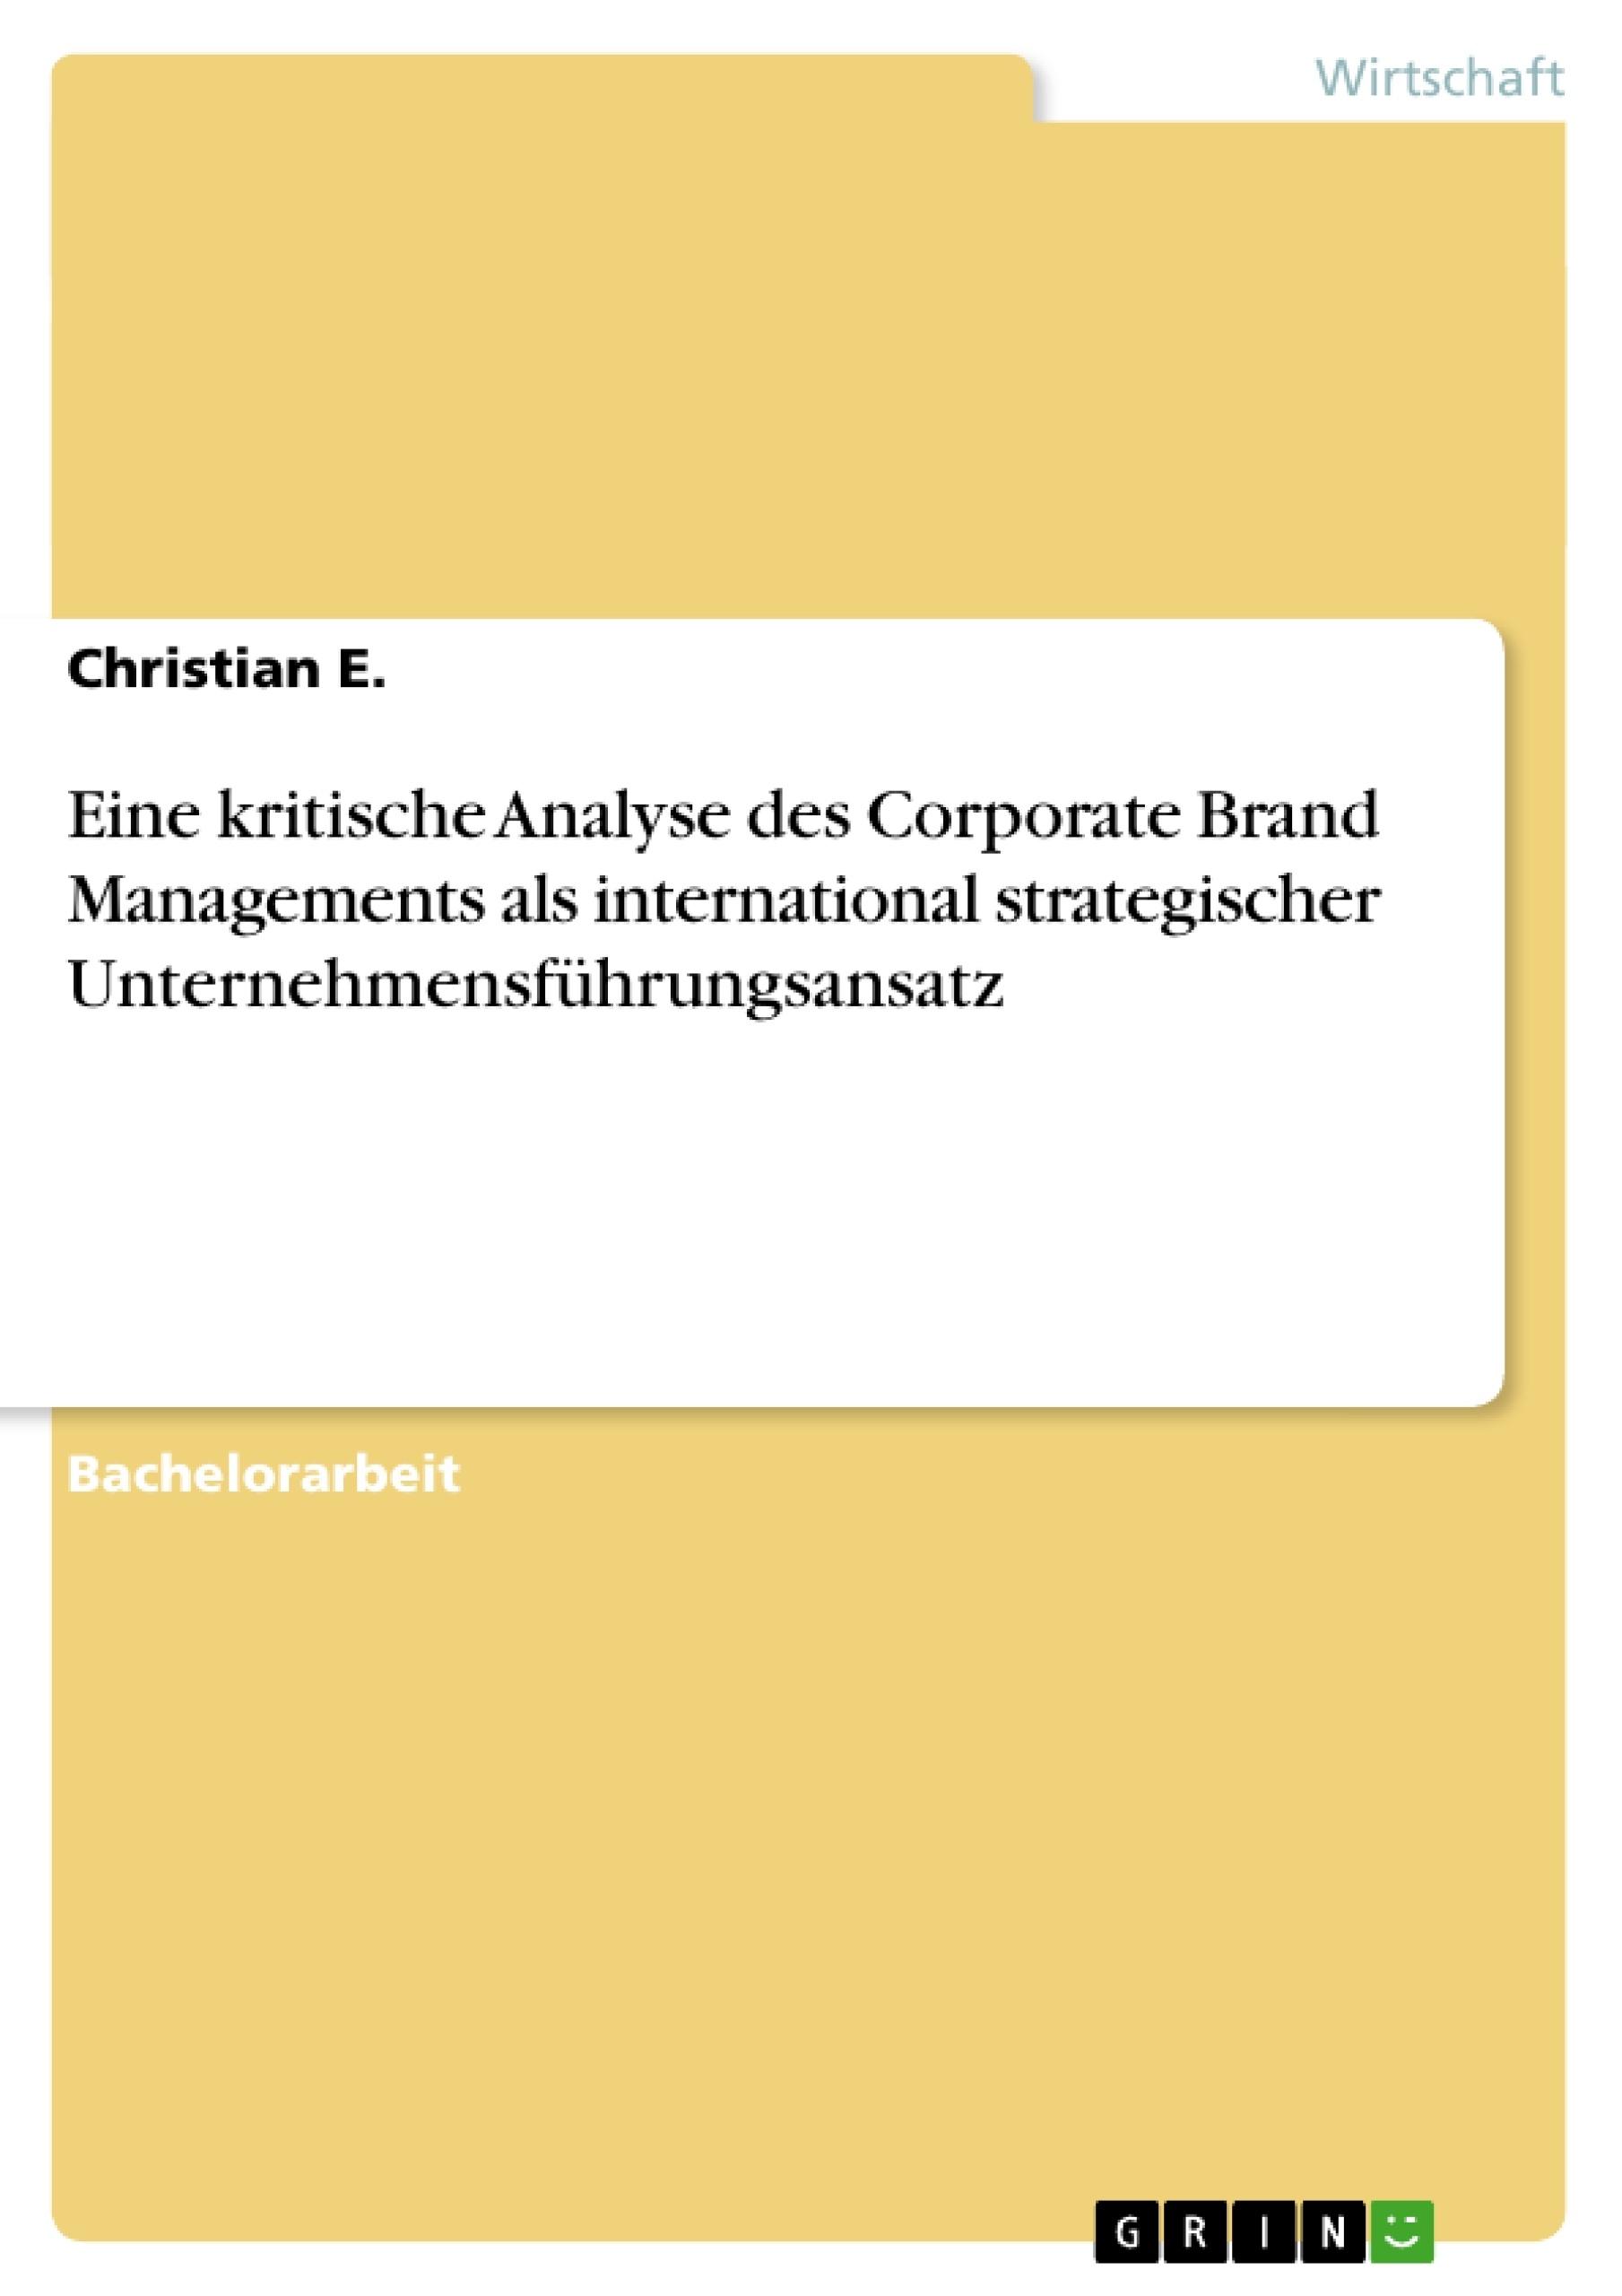 Titel: Eine kritische Analyse des Corporate Brand Managements als international strategischer Unternehmensführungsansatz